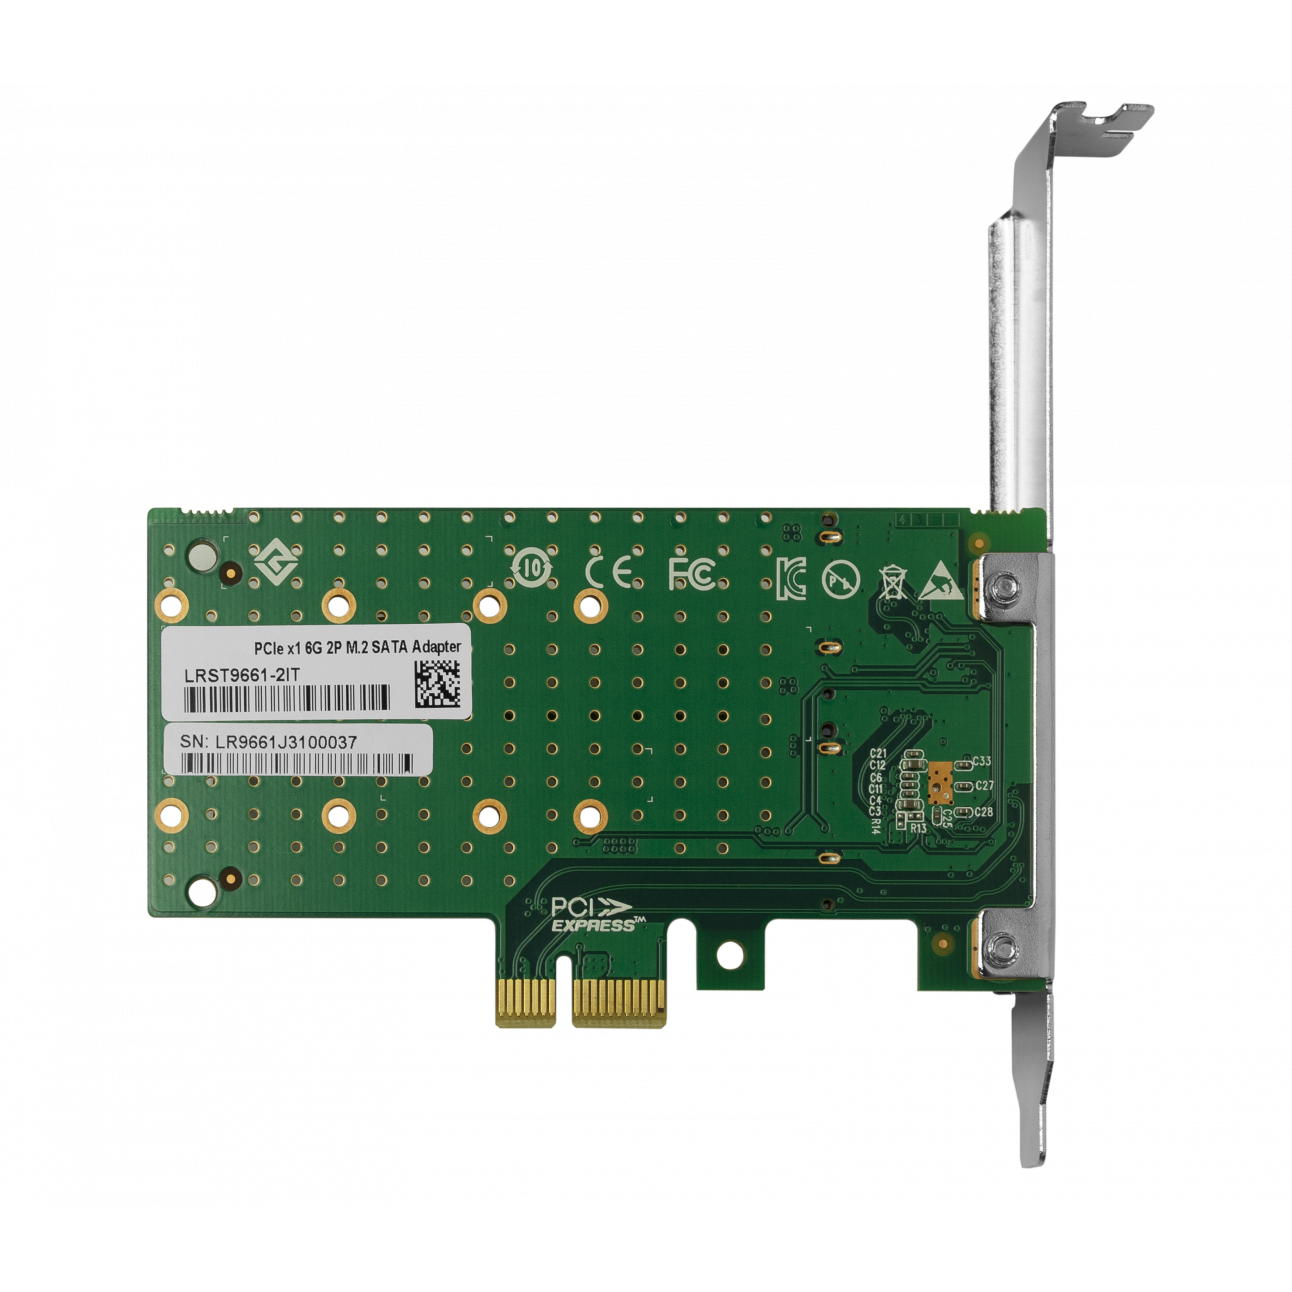 Переходной адаптер PCIe 2.0 x1 на 2xM.2 NVMe